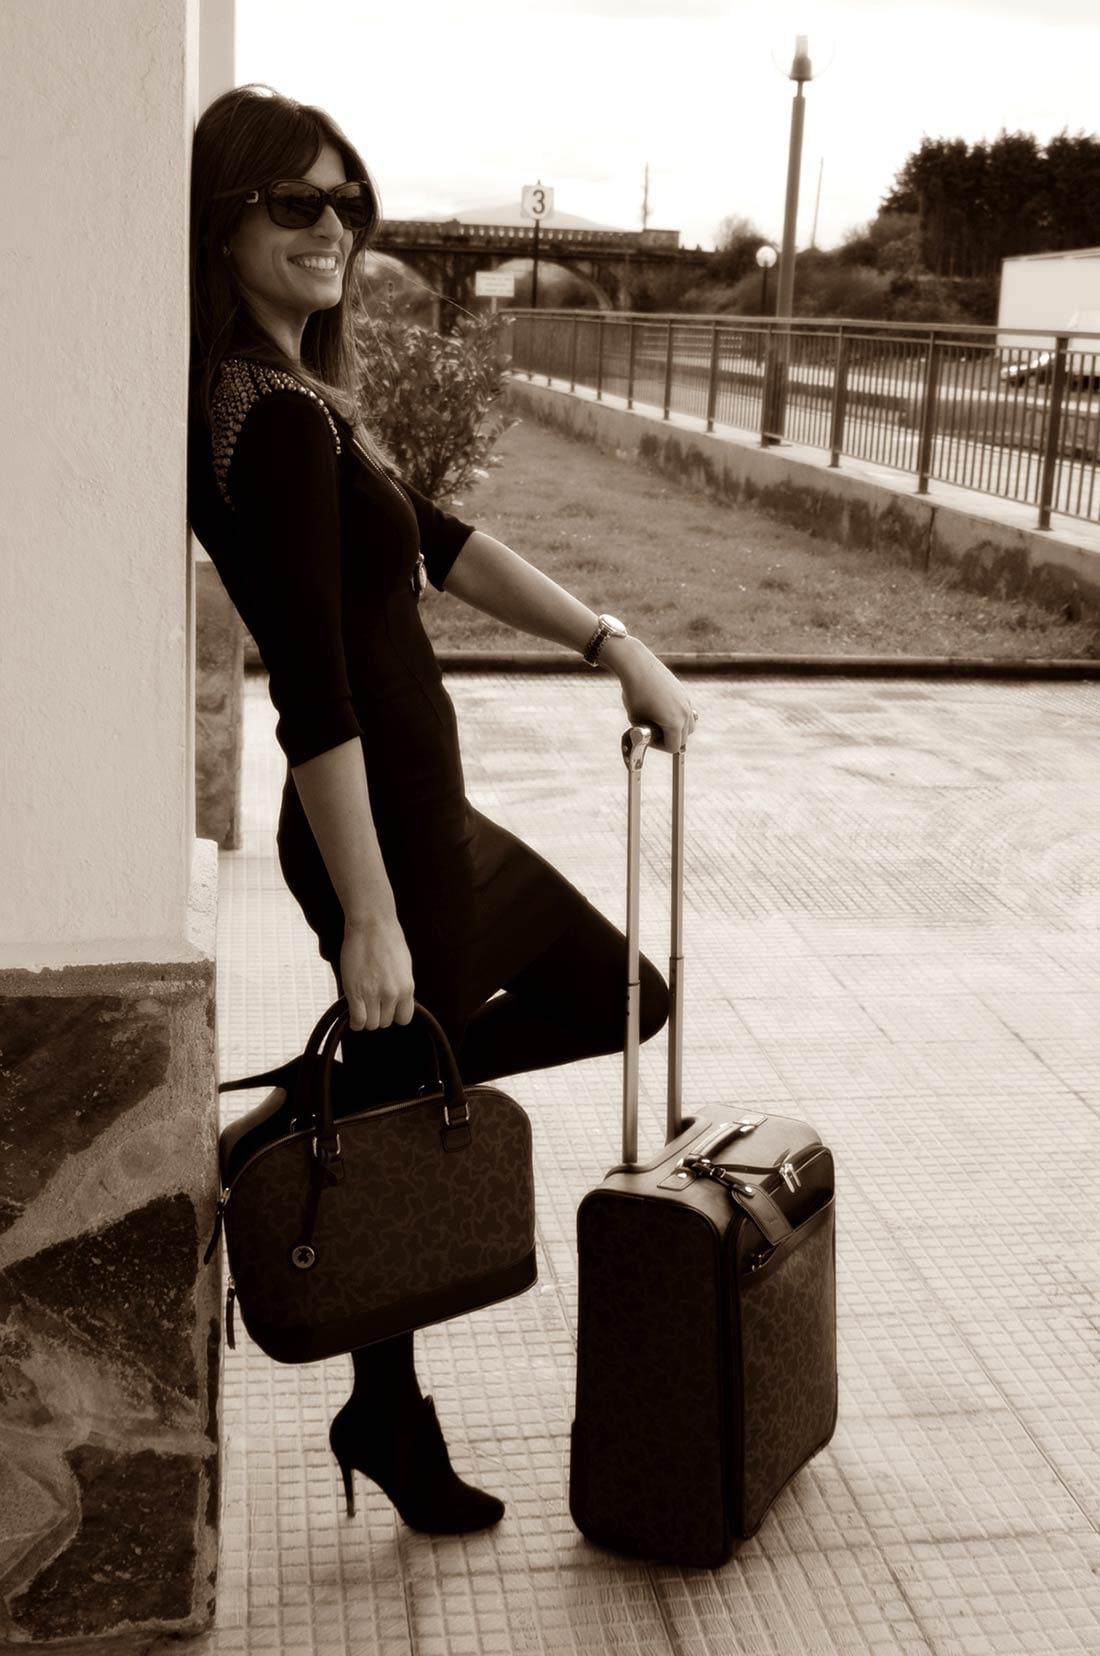 Empieza mi Viaje